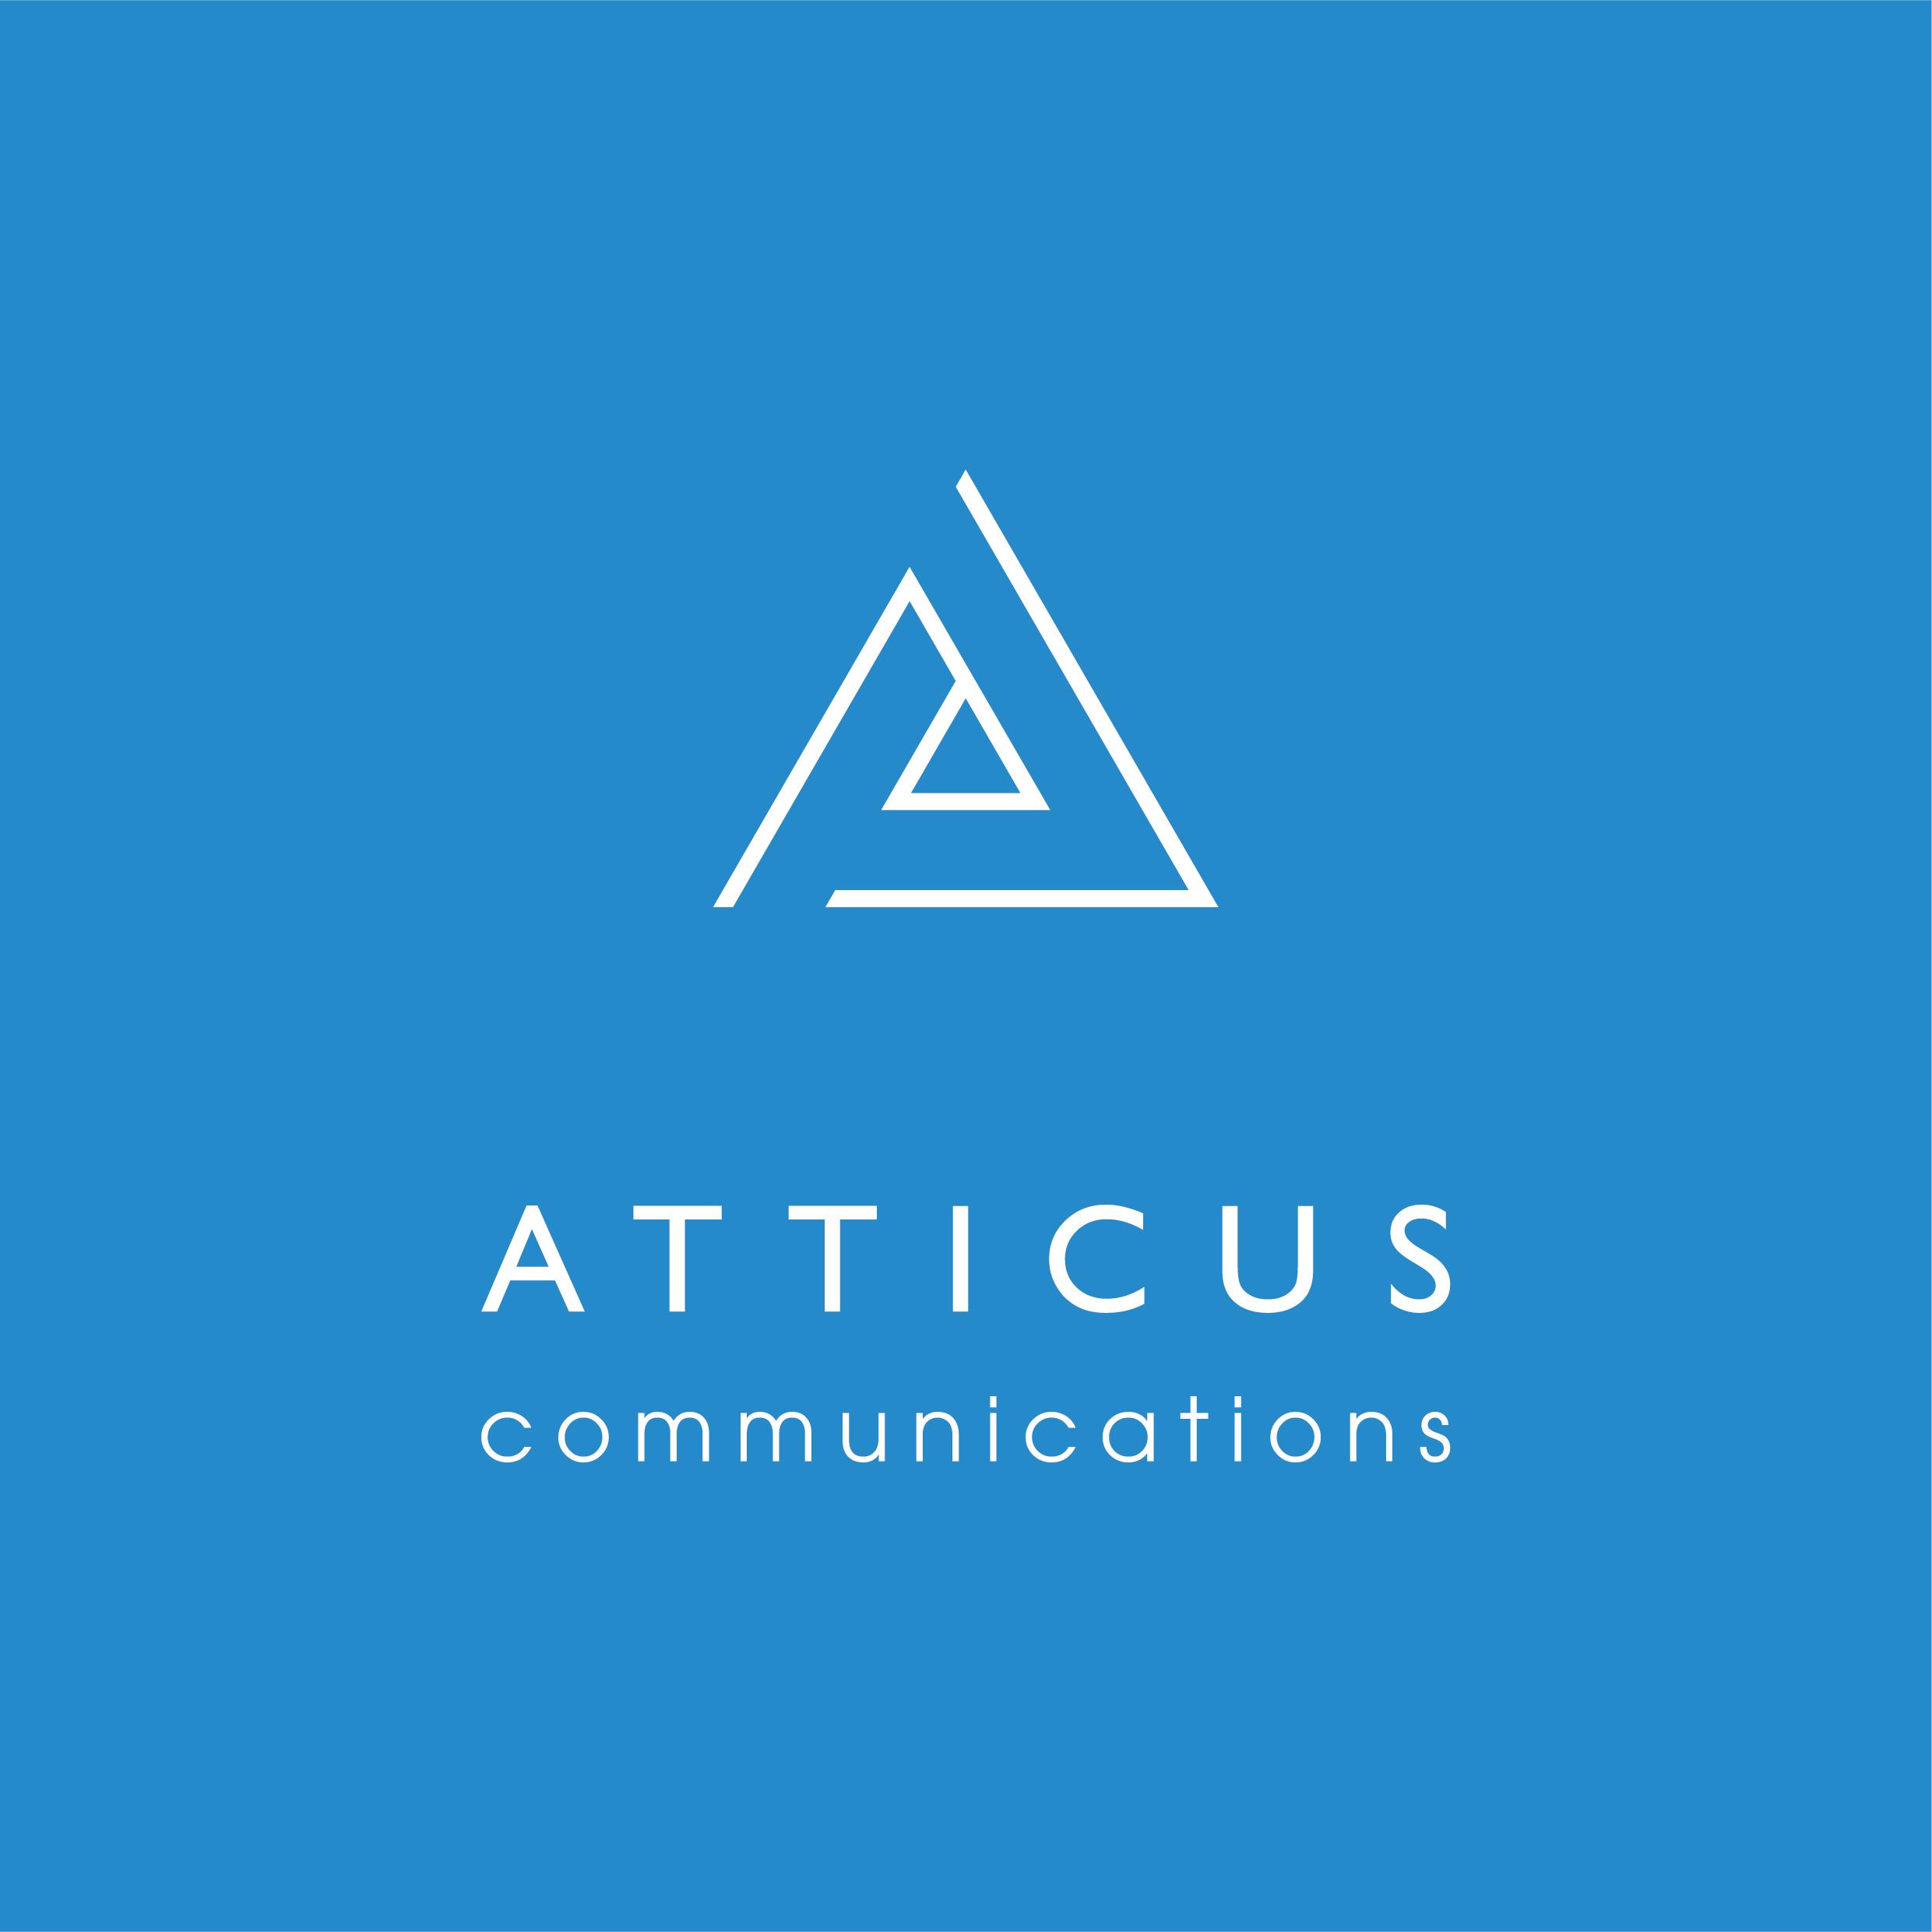 Atticus Communications